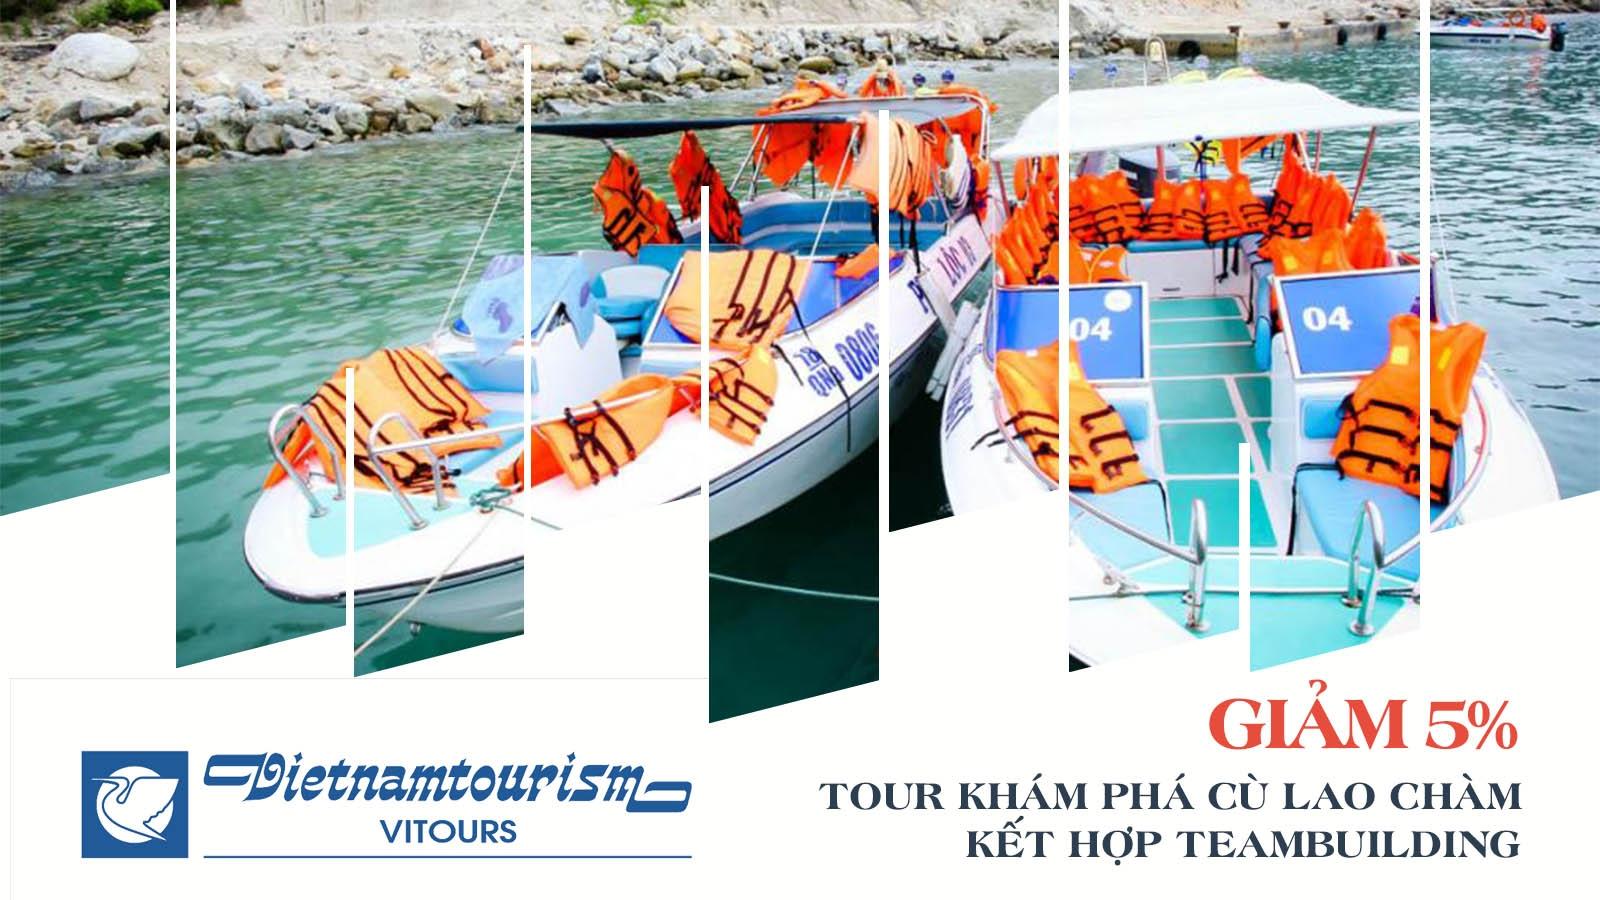 Vitours   Giảm 5% Tour khám phá Cù Lao Chàm kết hợp team building 1